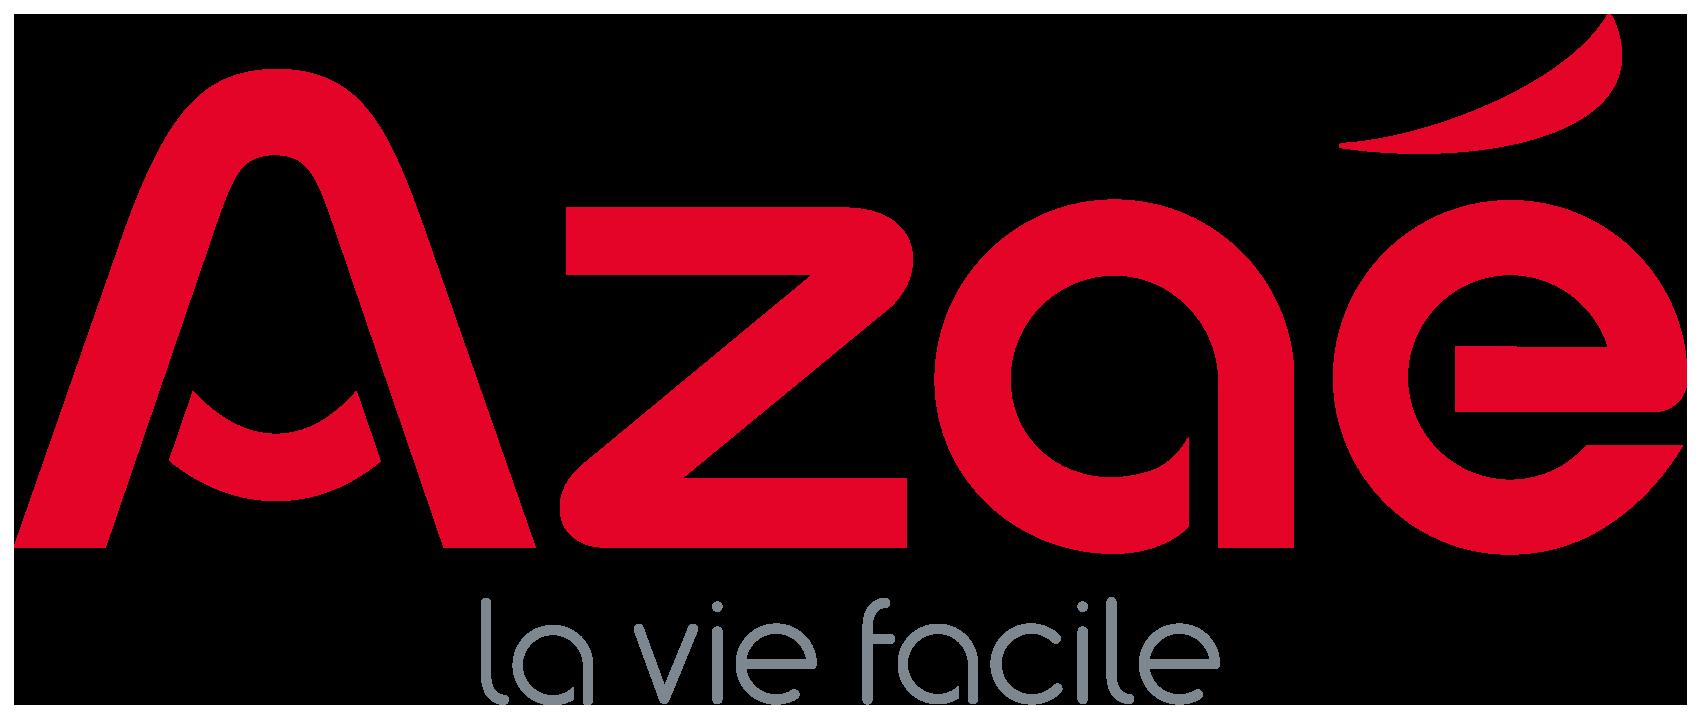 Azaé Avignon - Aide à domicile et femme de ménage services, aide à domicile